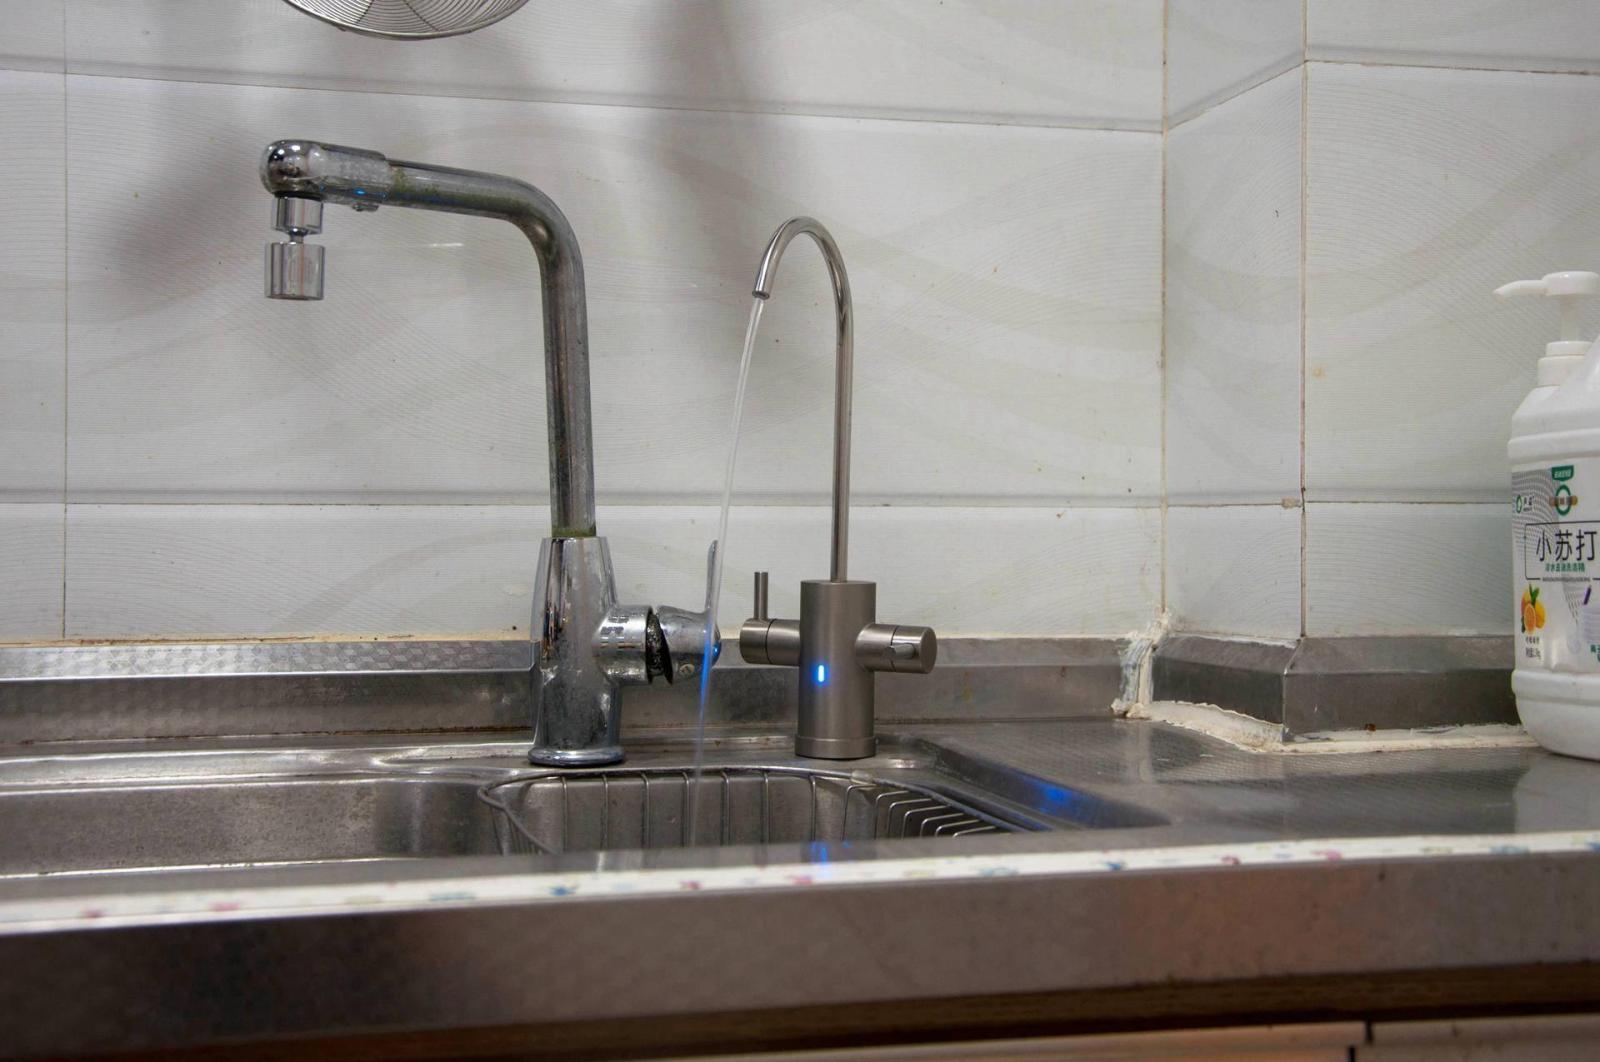 小米净水器新品,生活水+直饮水双开关,侧抽滤芯6级过滤真实用